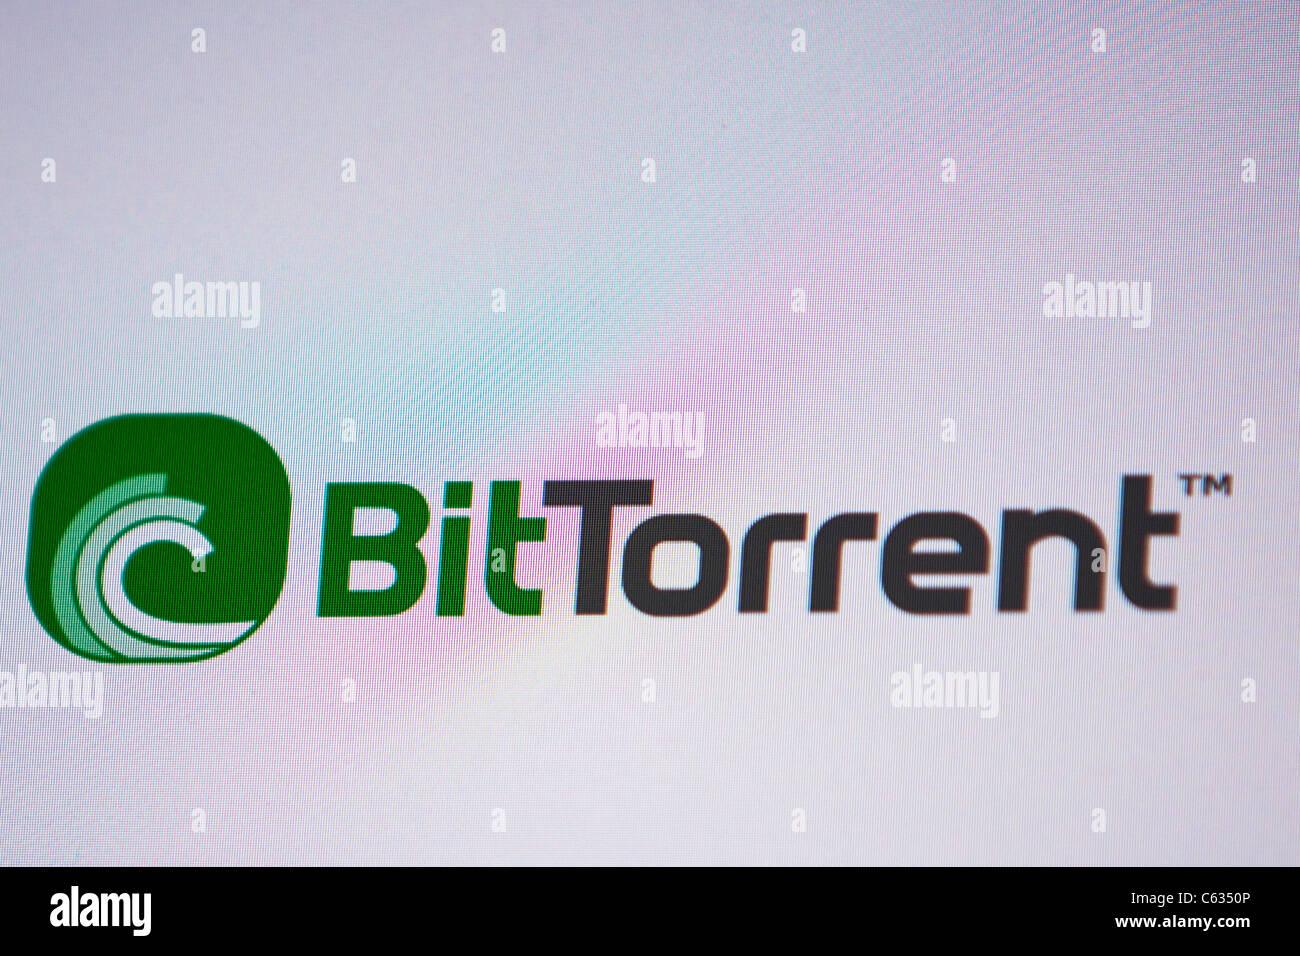 Logotipo de bit torrent sitio de descarga ilegal de imagen de alta resolución tomada desde una pantalla de Imagen De Stock